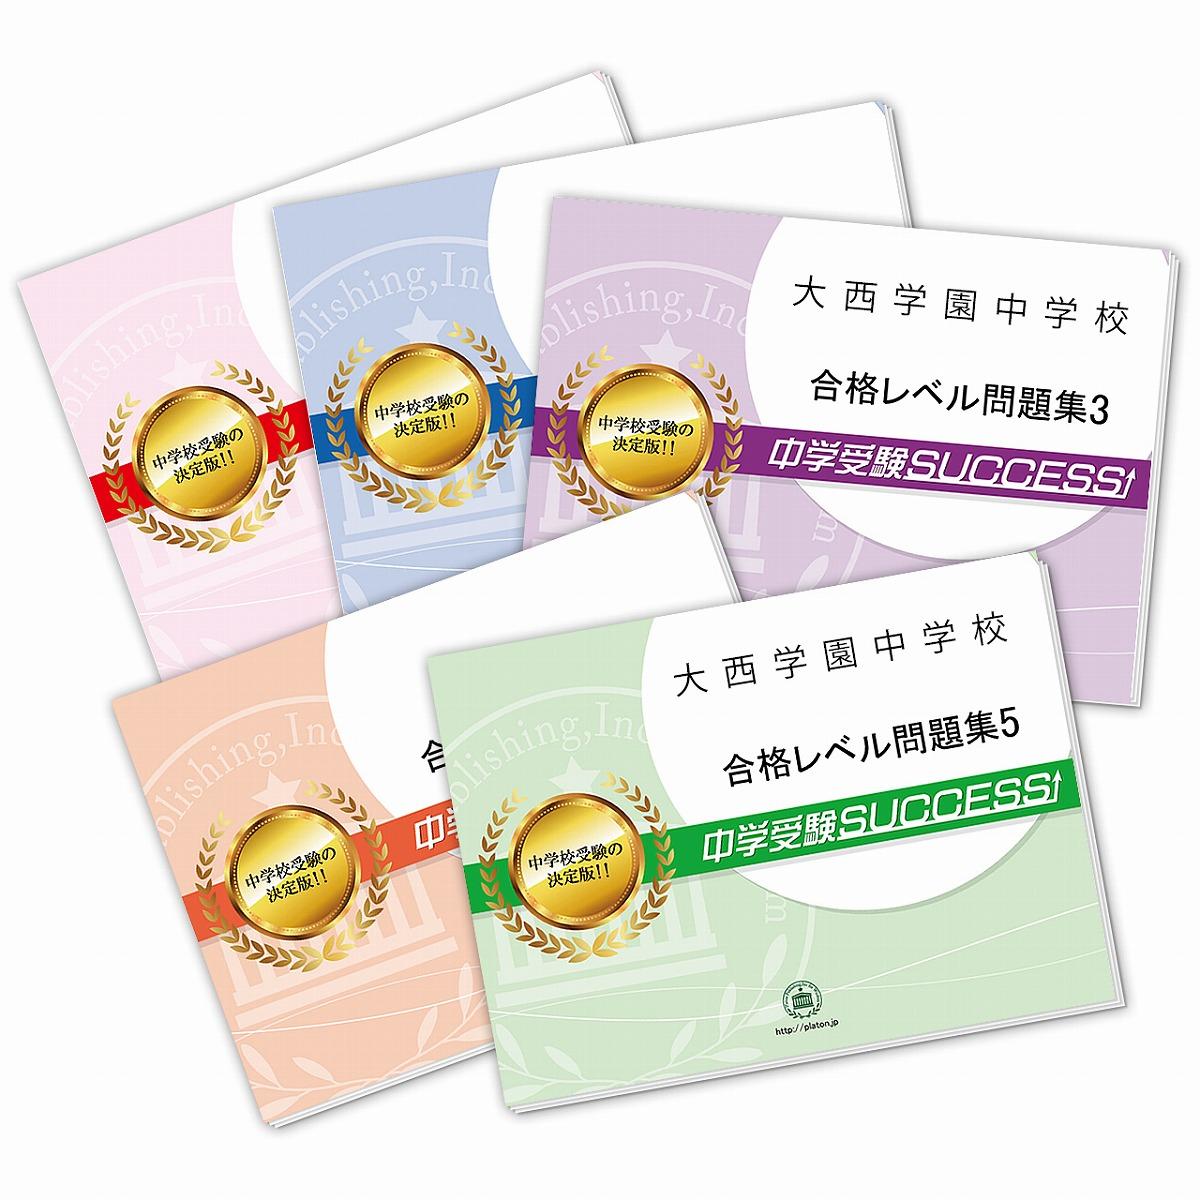 【送料・代引手数料無料】大西学園中学校・直前対策合格セット(5冊)